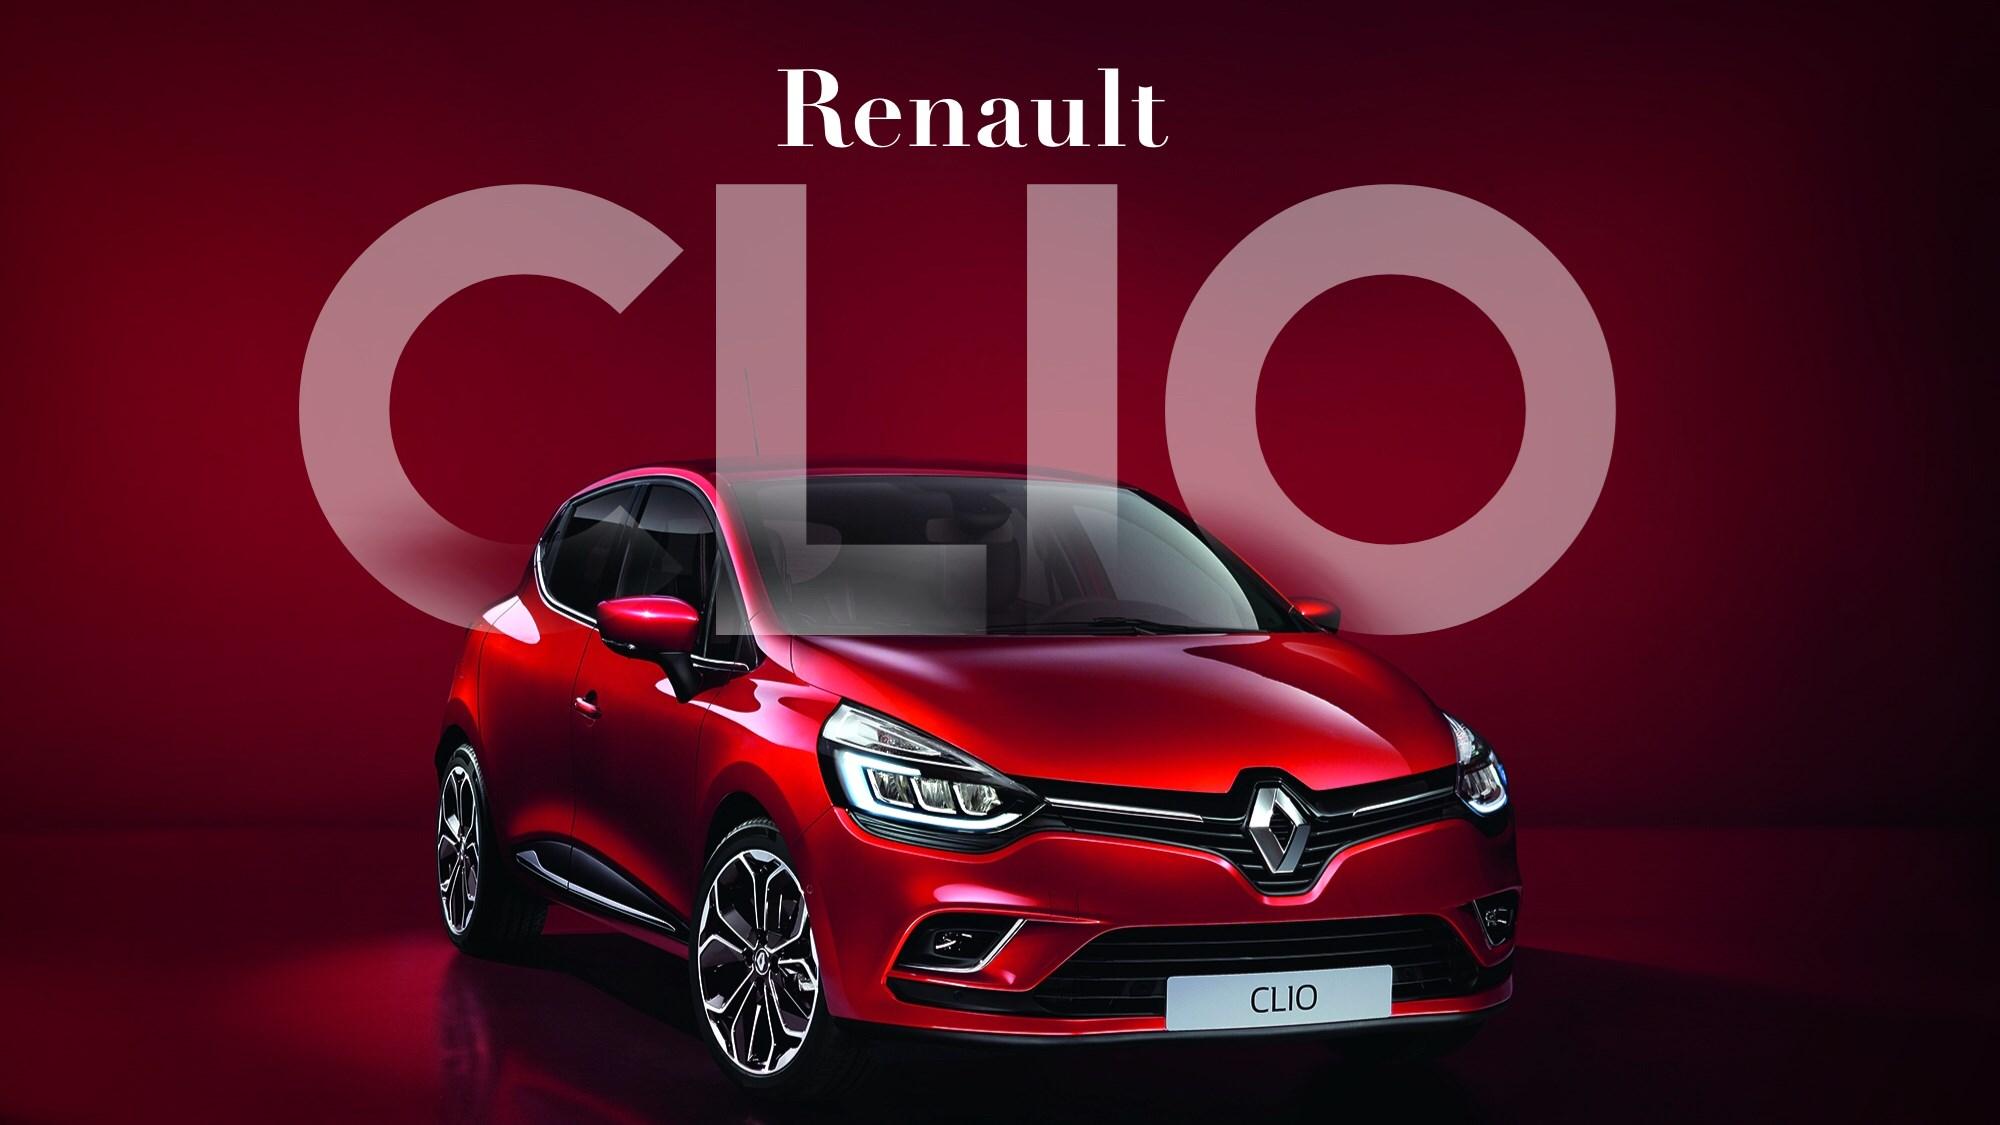 Renault's Revised 2016 Clio Unveiled